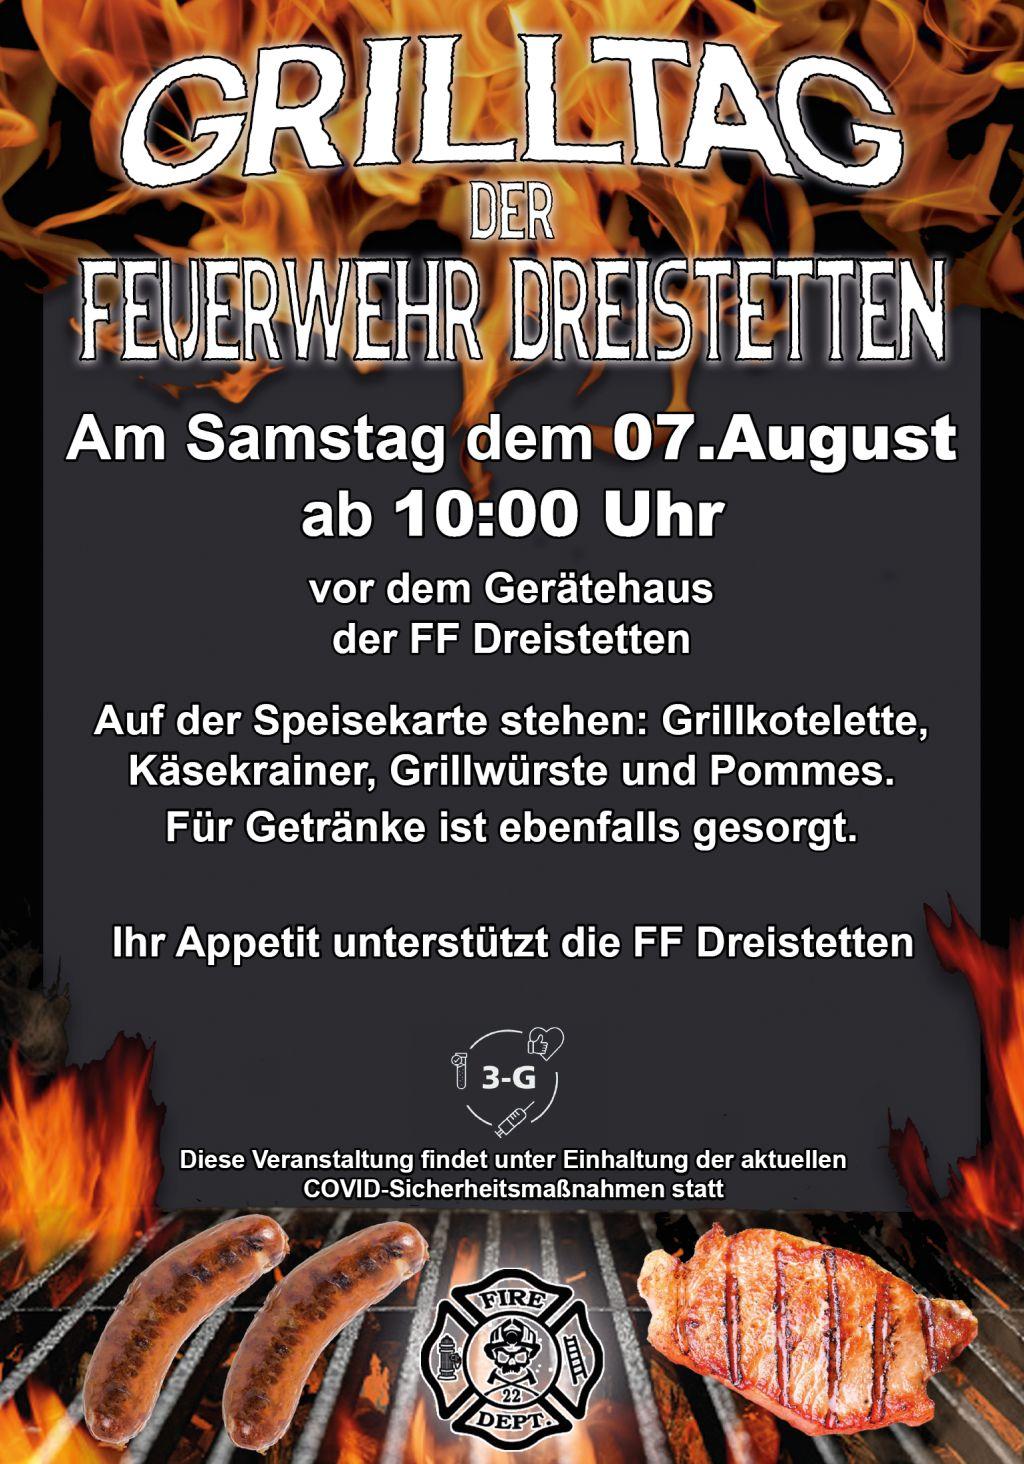 Grilltag Feuerwehr Dreistetten